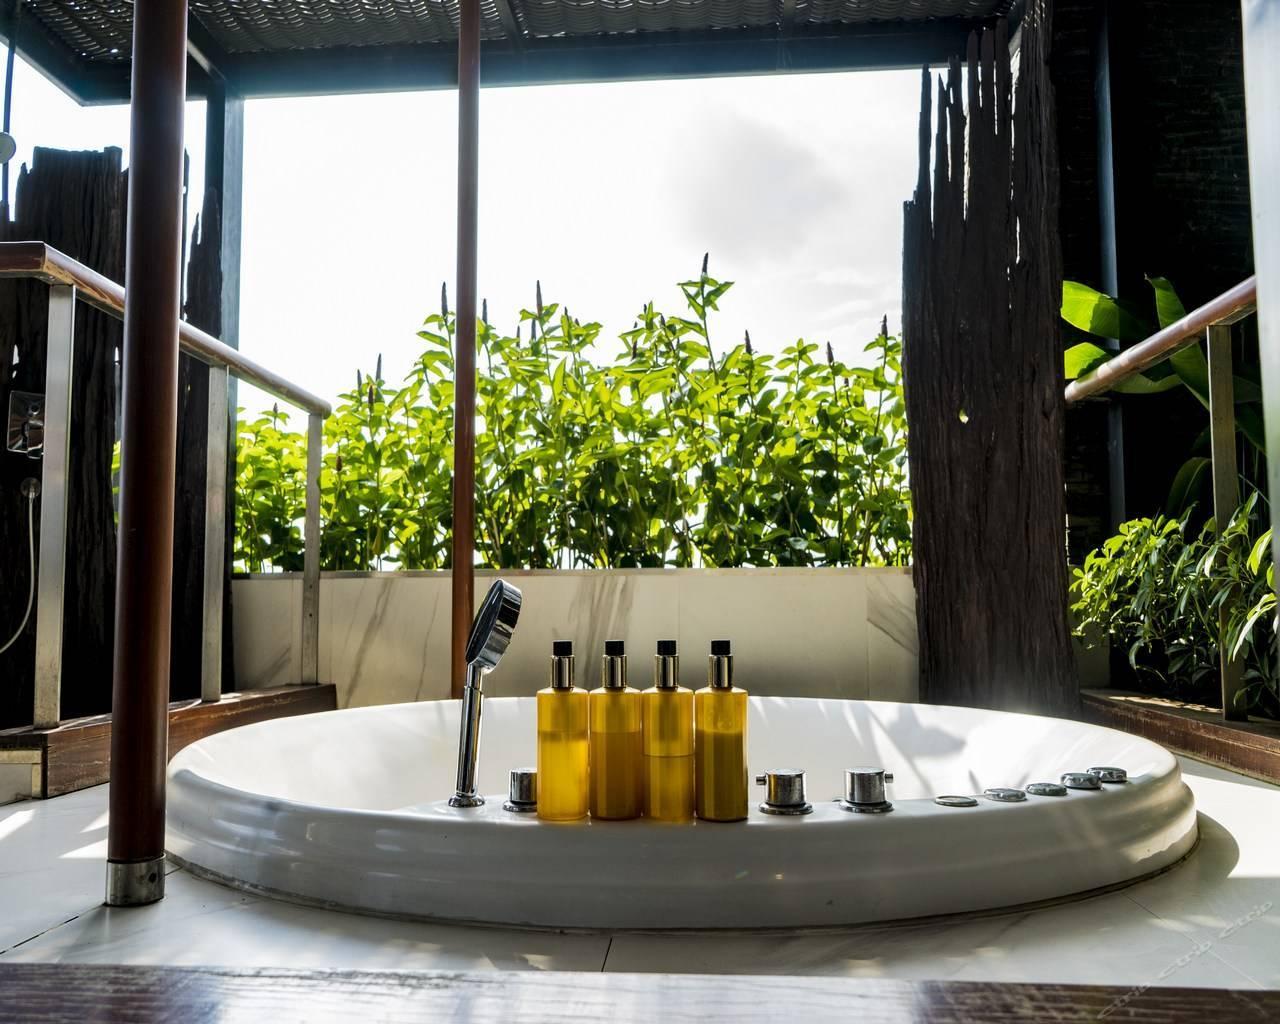 Golden Beach Resort and Villas in Indonesia